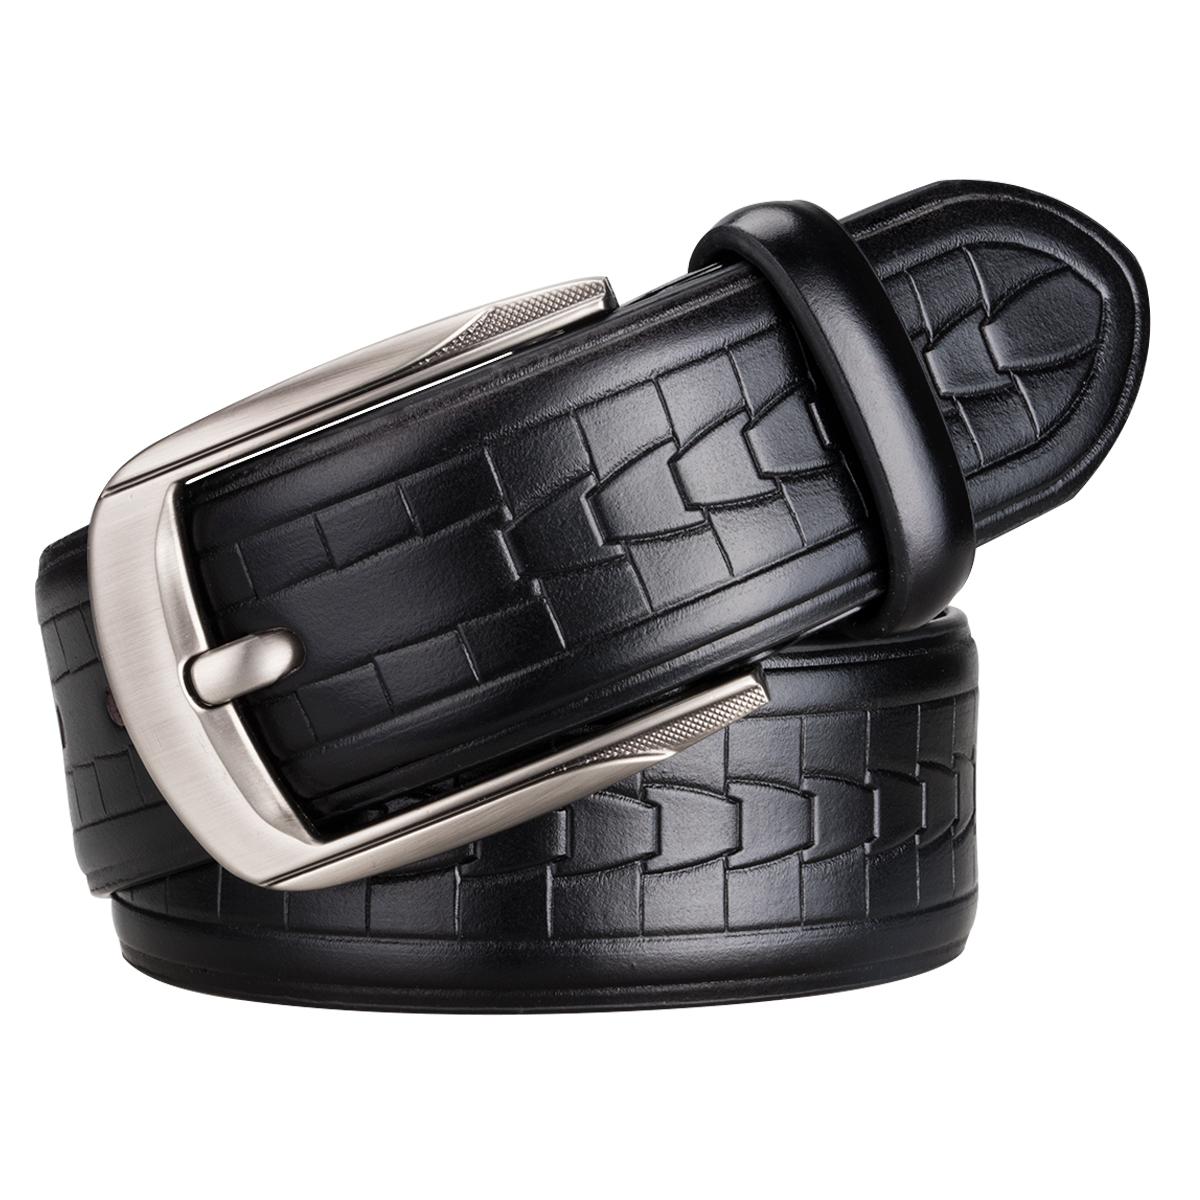 [해외]DiBanGu 핫 세일 남자 & 카우 스킨  가죽 벨트 핀 버클 버클 허리 벨트 블랙 허리띠 110cm - 130cm ZA - 0007/DiBanGu Hot Selling Men&s Cowskin Genuine Leather BeltsPin Buckle